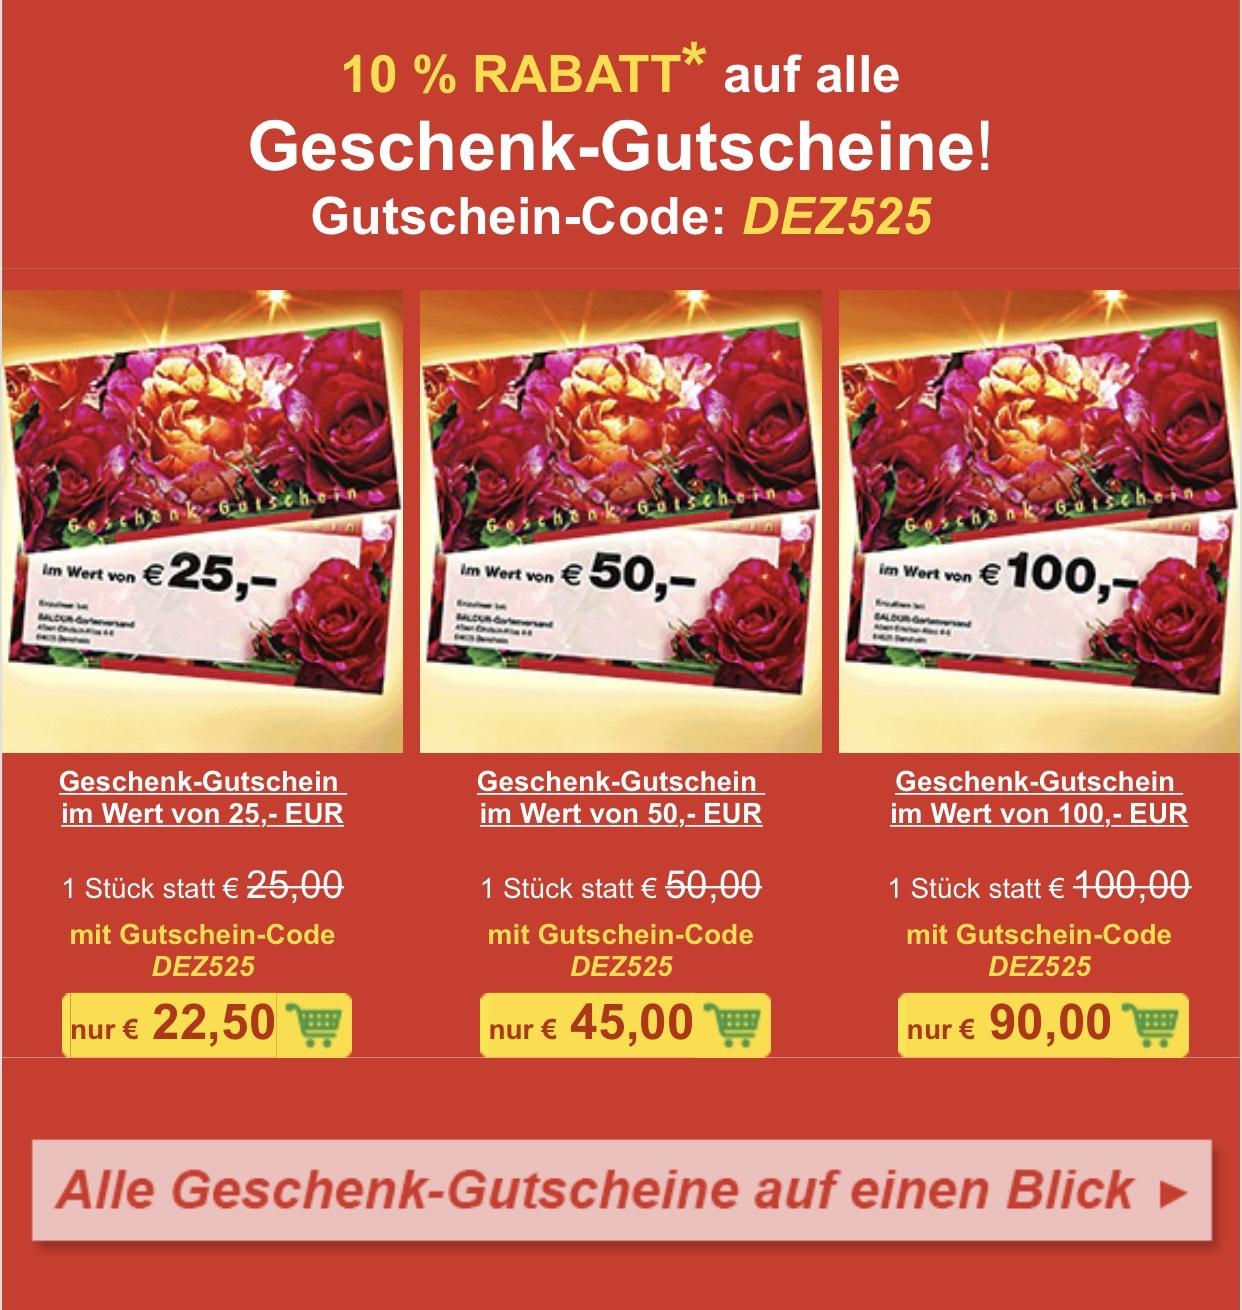 10 % RABATT auf ALLE Geschenk-Gutscheinkarten! z.B. 50€ für 45€